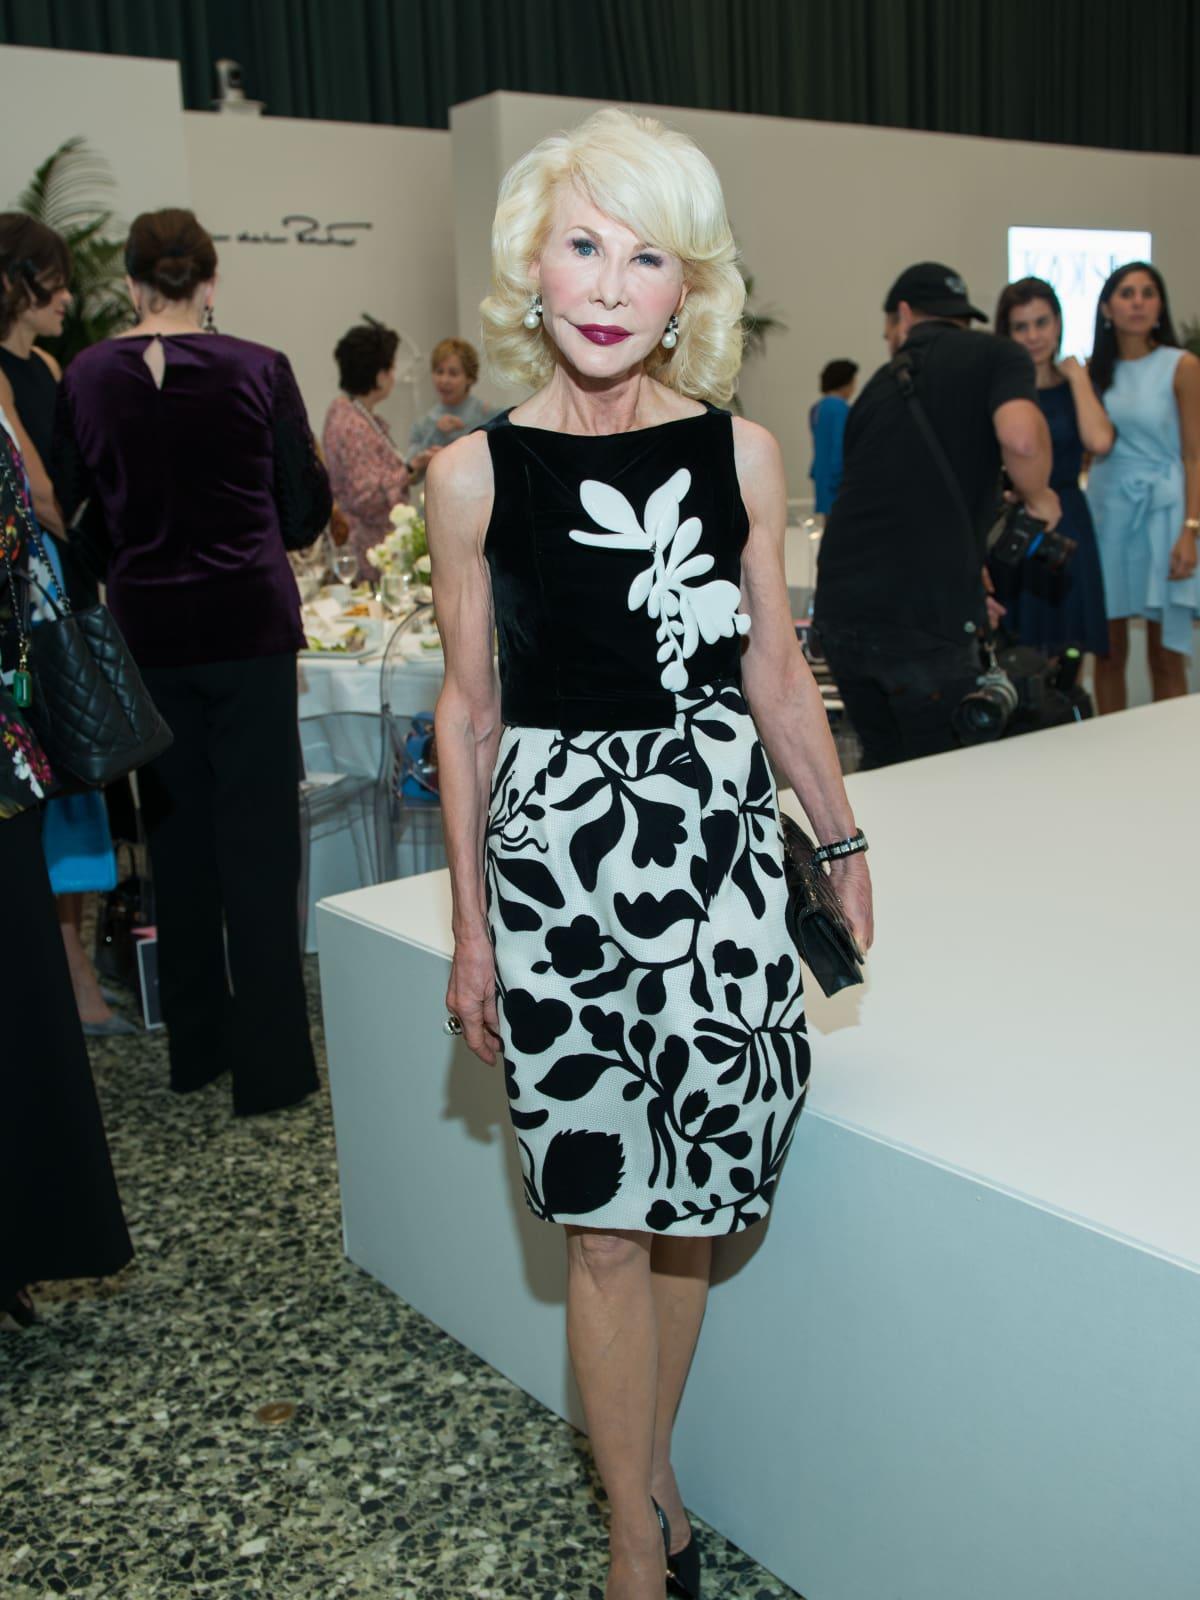 Diane Lokey Farb at Oscar de la Renta fashion show at MFAH